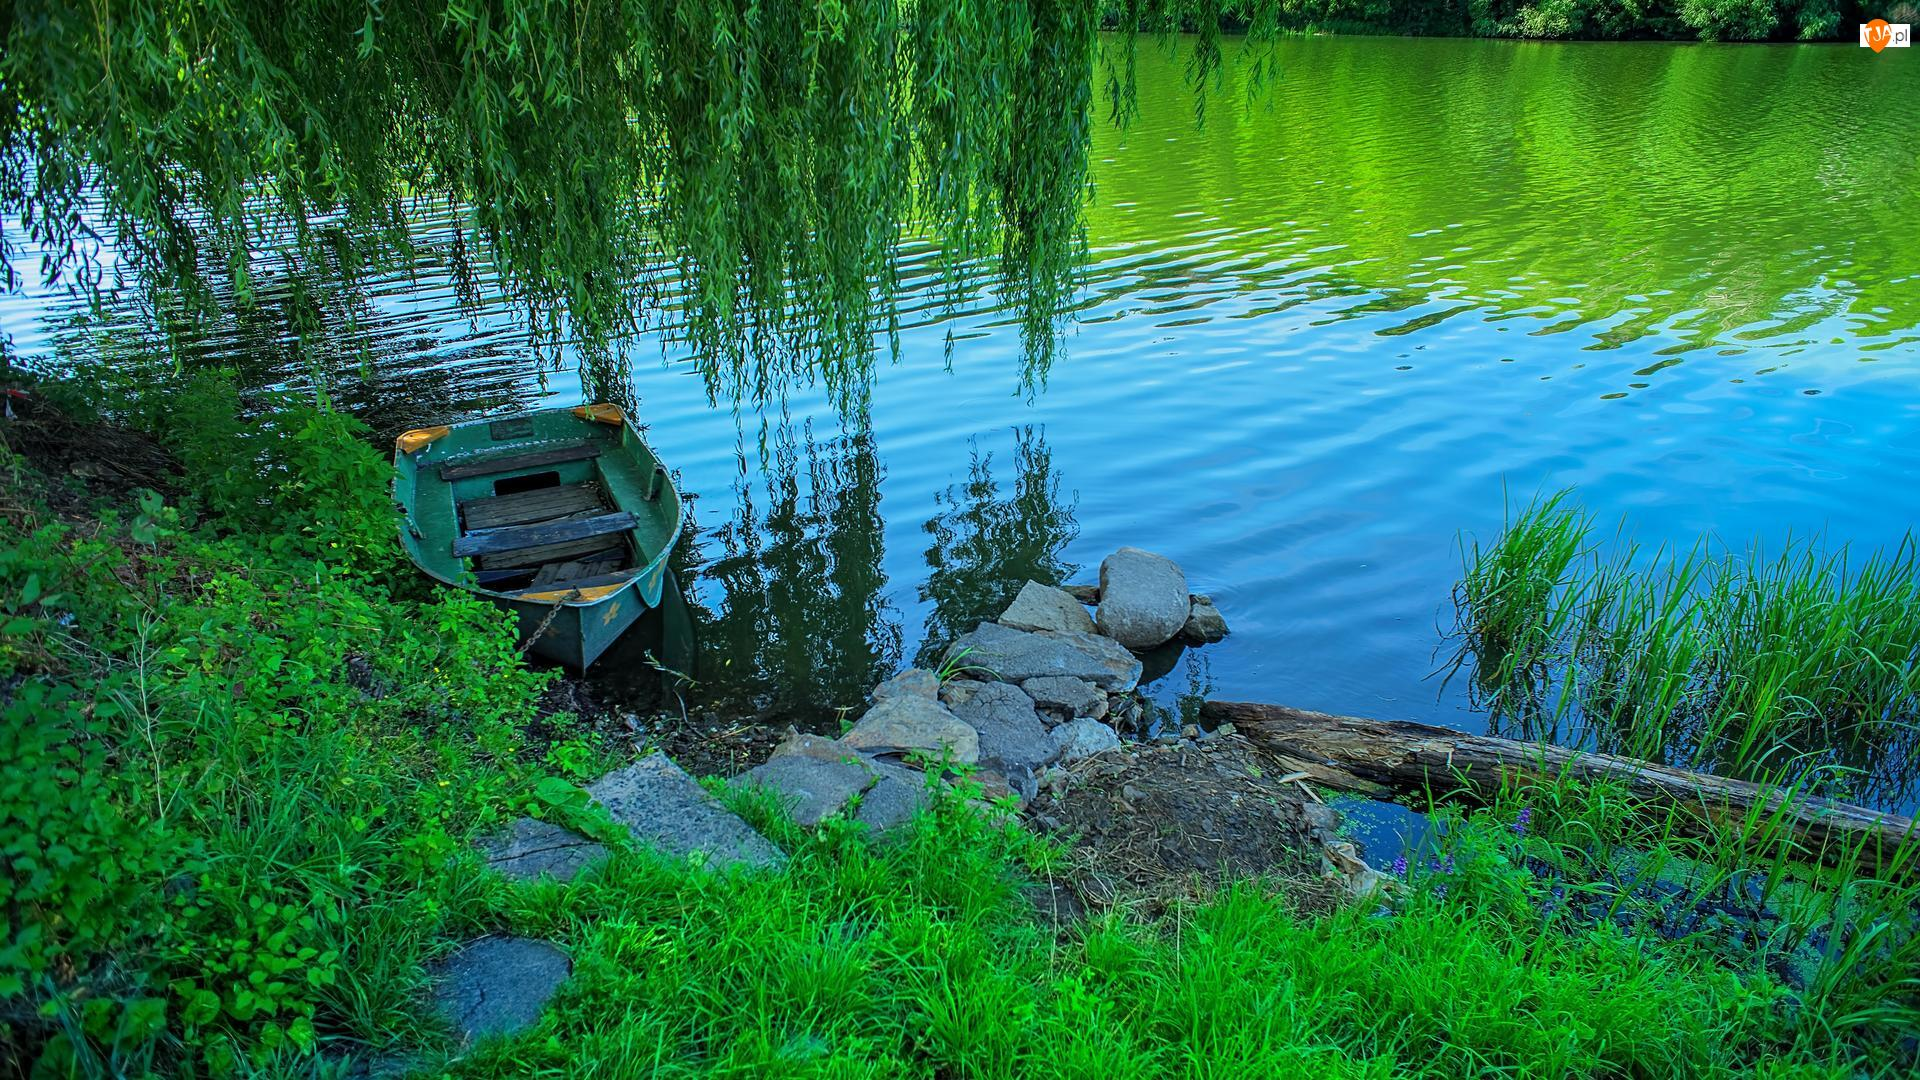 Rzeka, Roślinność, Wierzba płacząca, Łódka, Kamienie